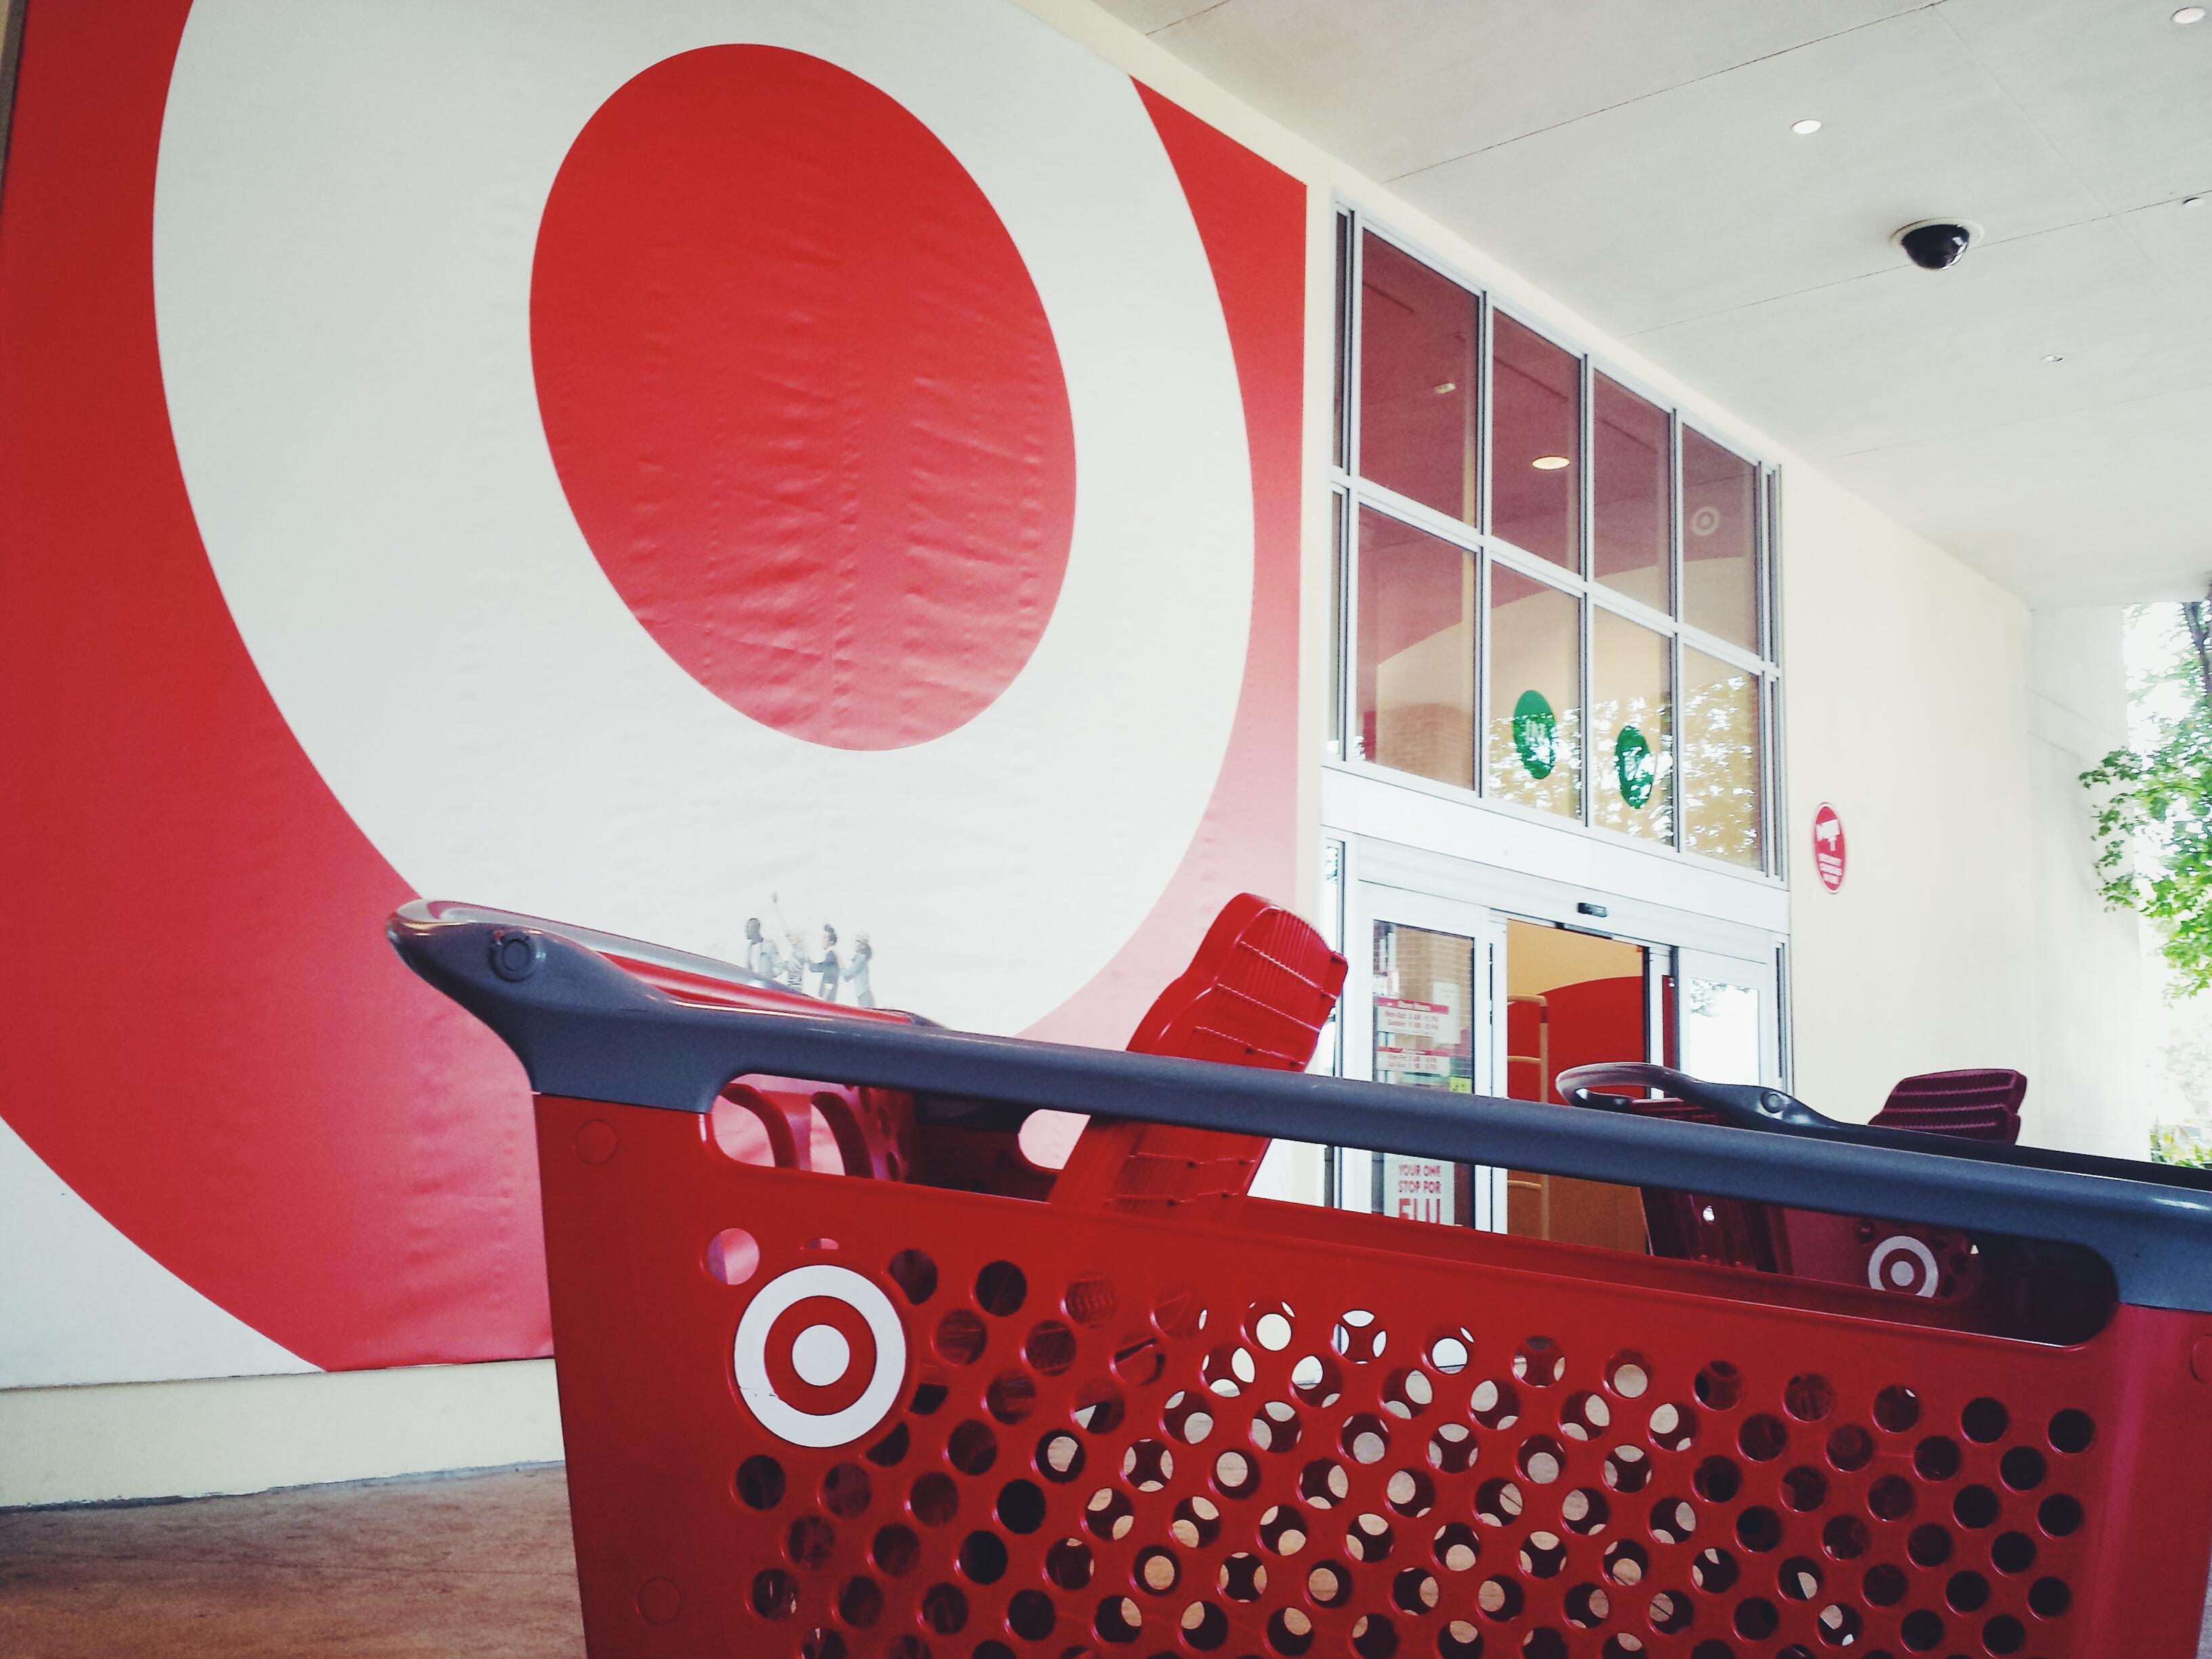 Target in Midtown